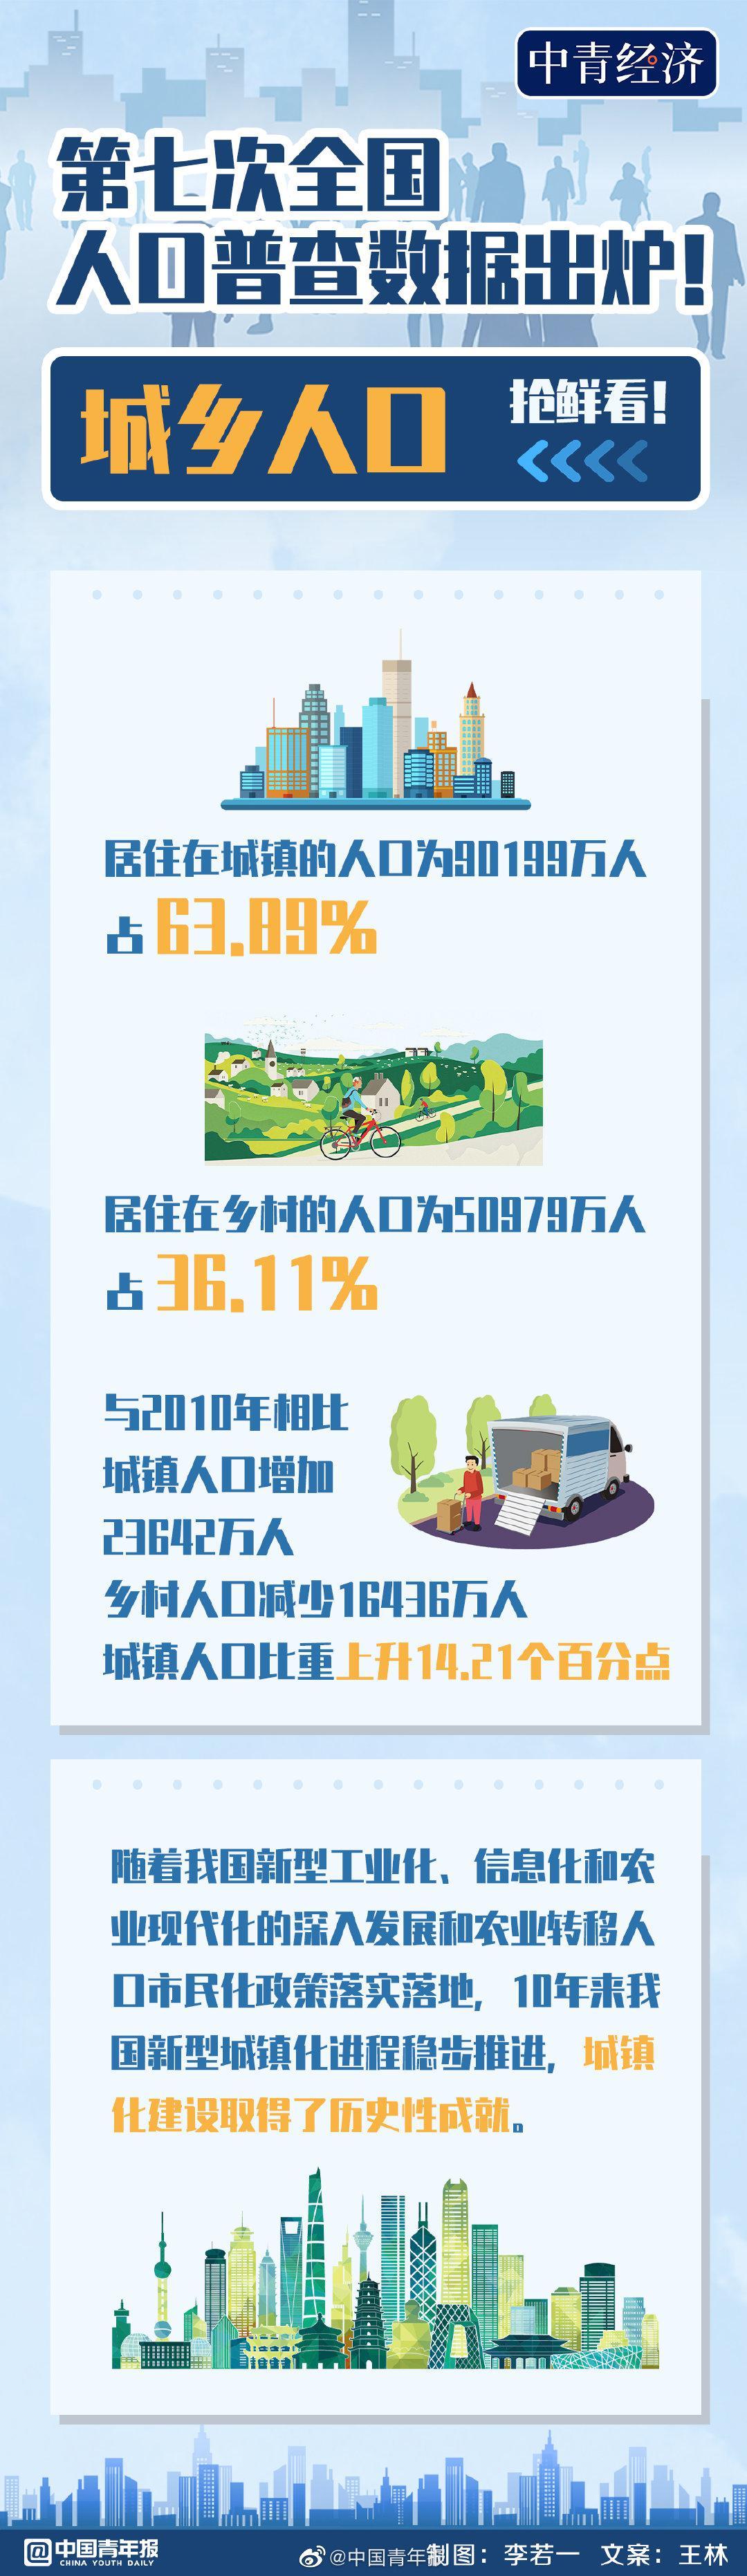 我国城镇化取得历史性成就:城镇人口占比63.89%